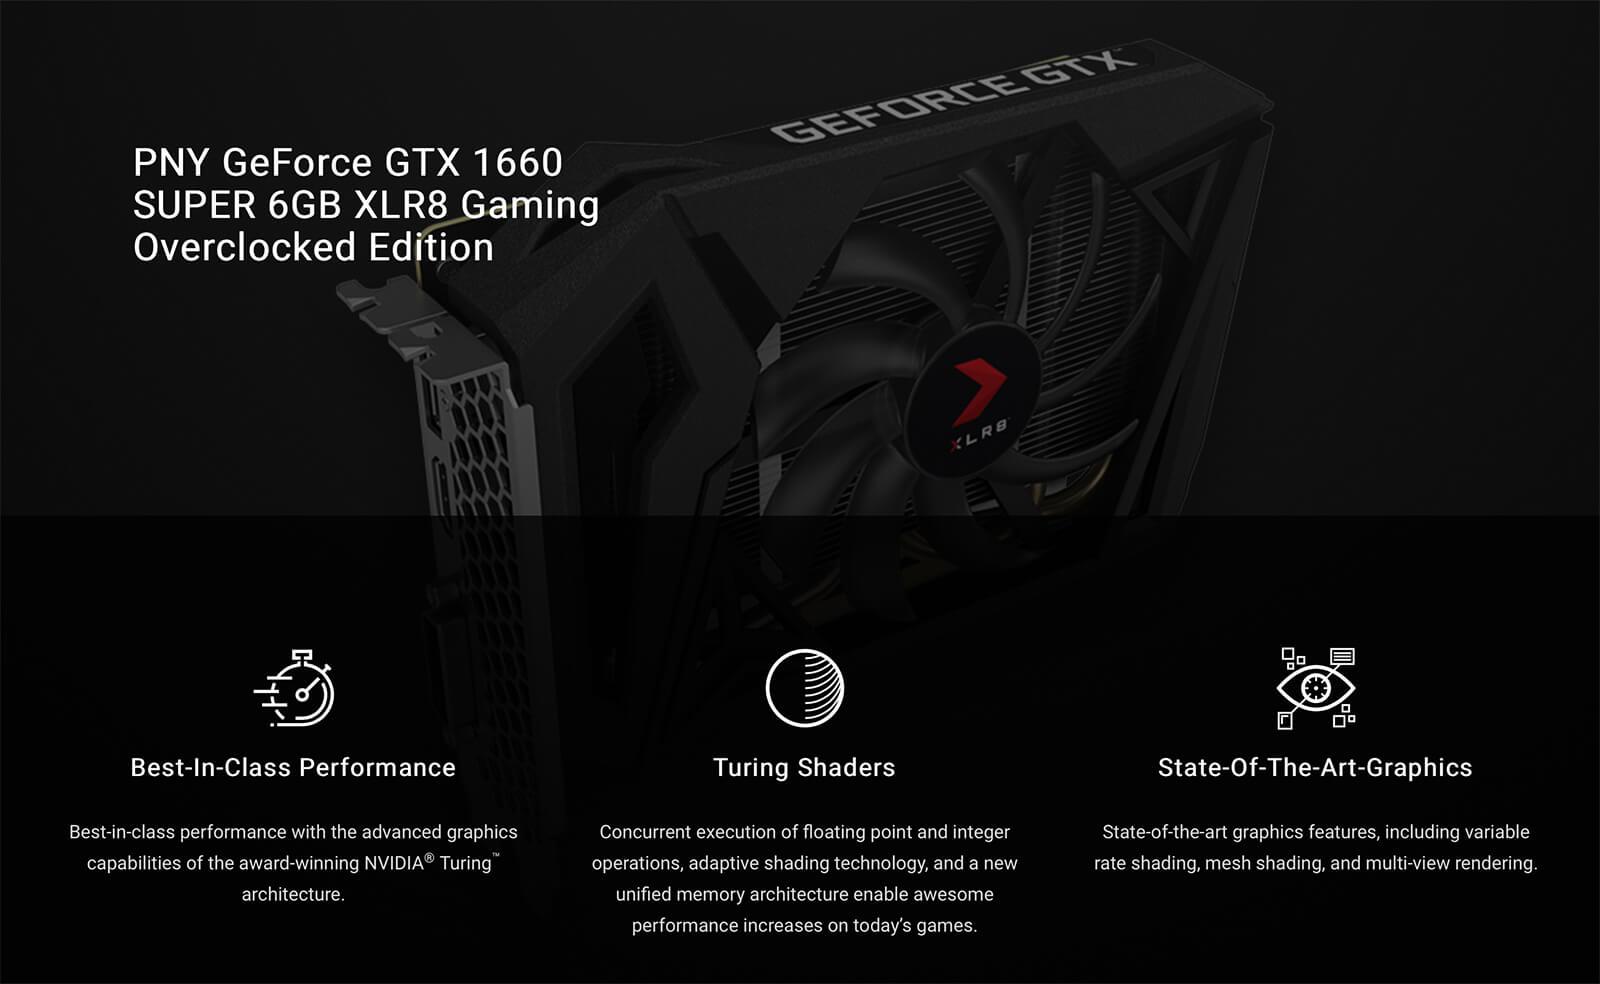 PNY GeForce® GTX 1660 SUPER™ 6GB XLR8 Gaming Overclocked Edition